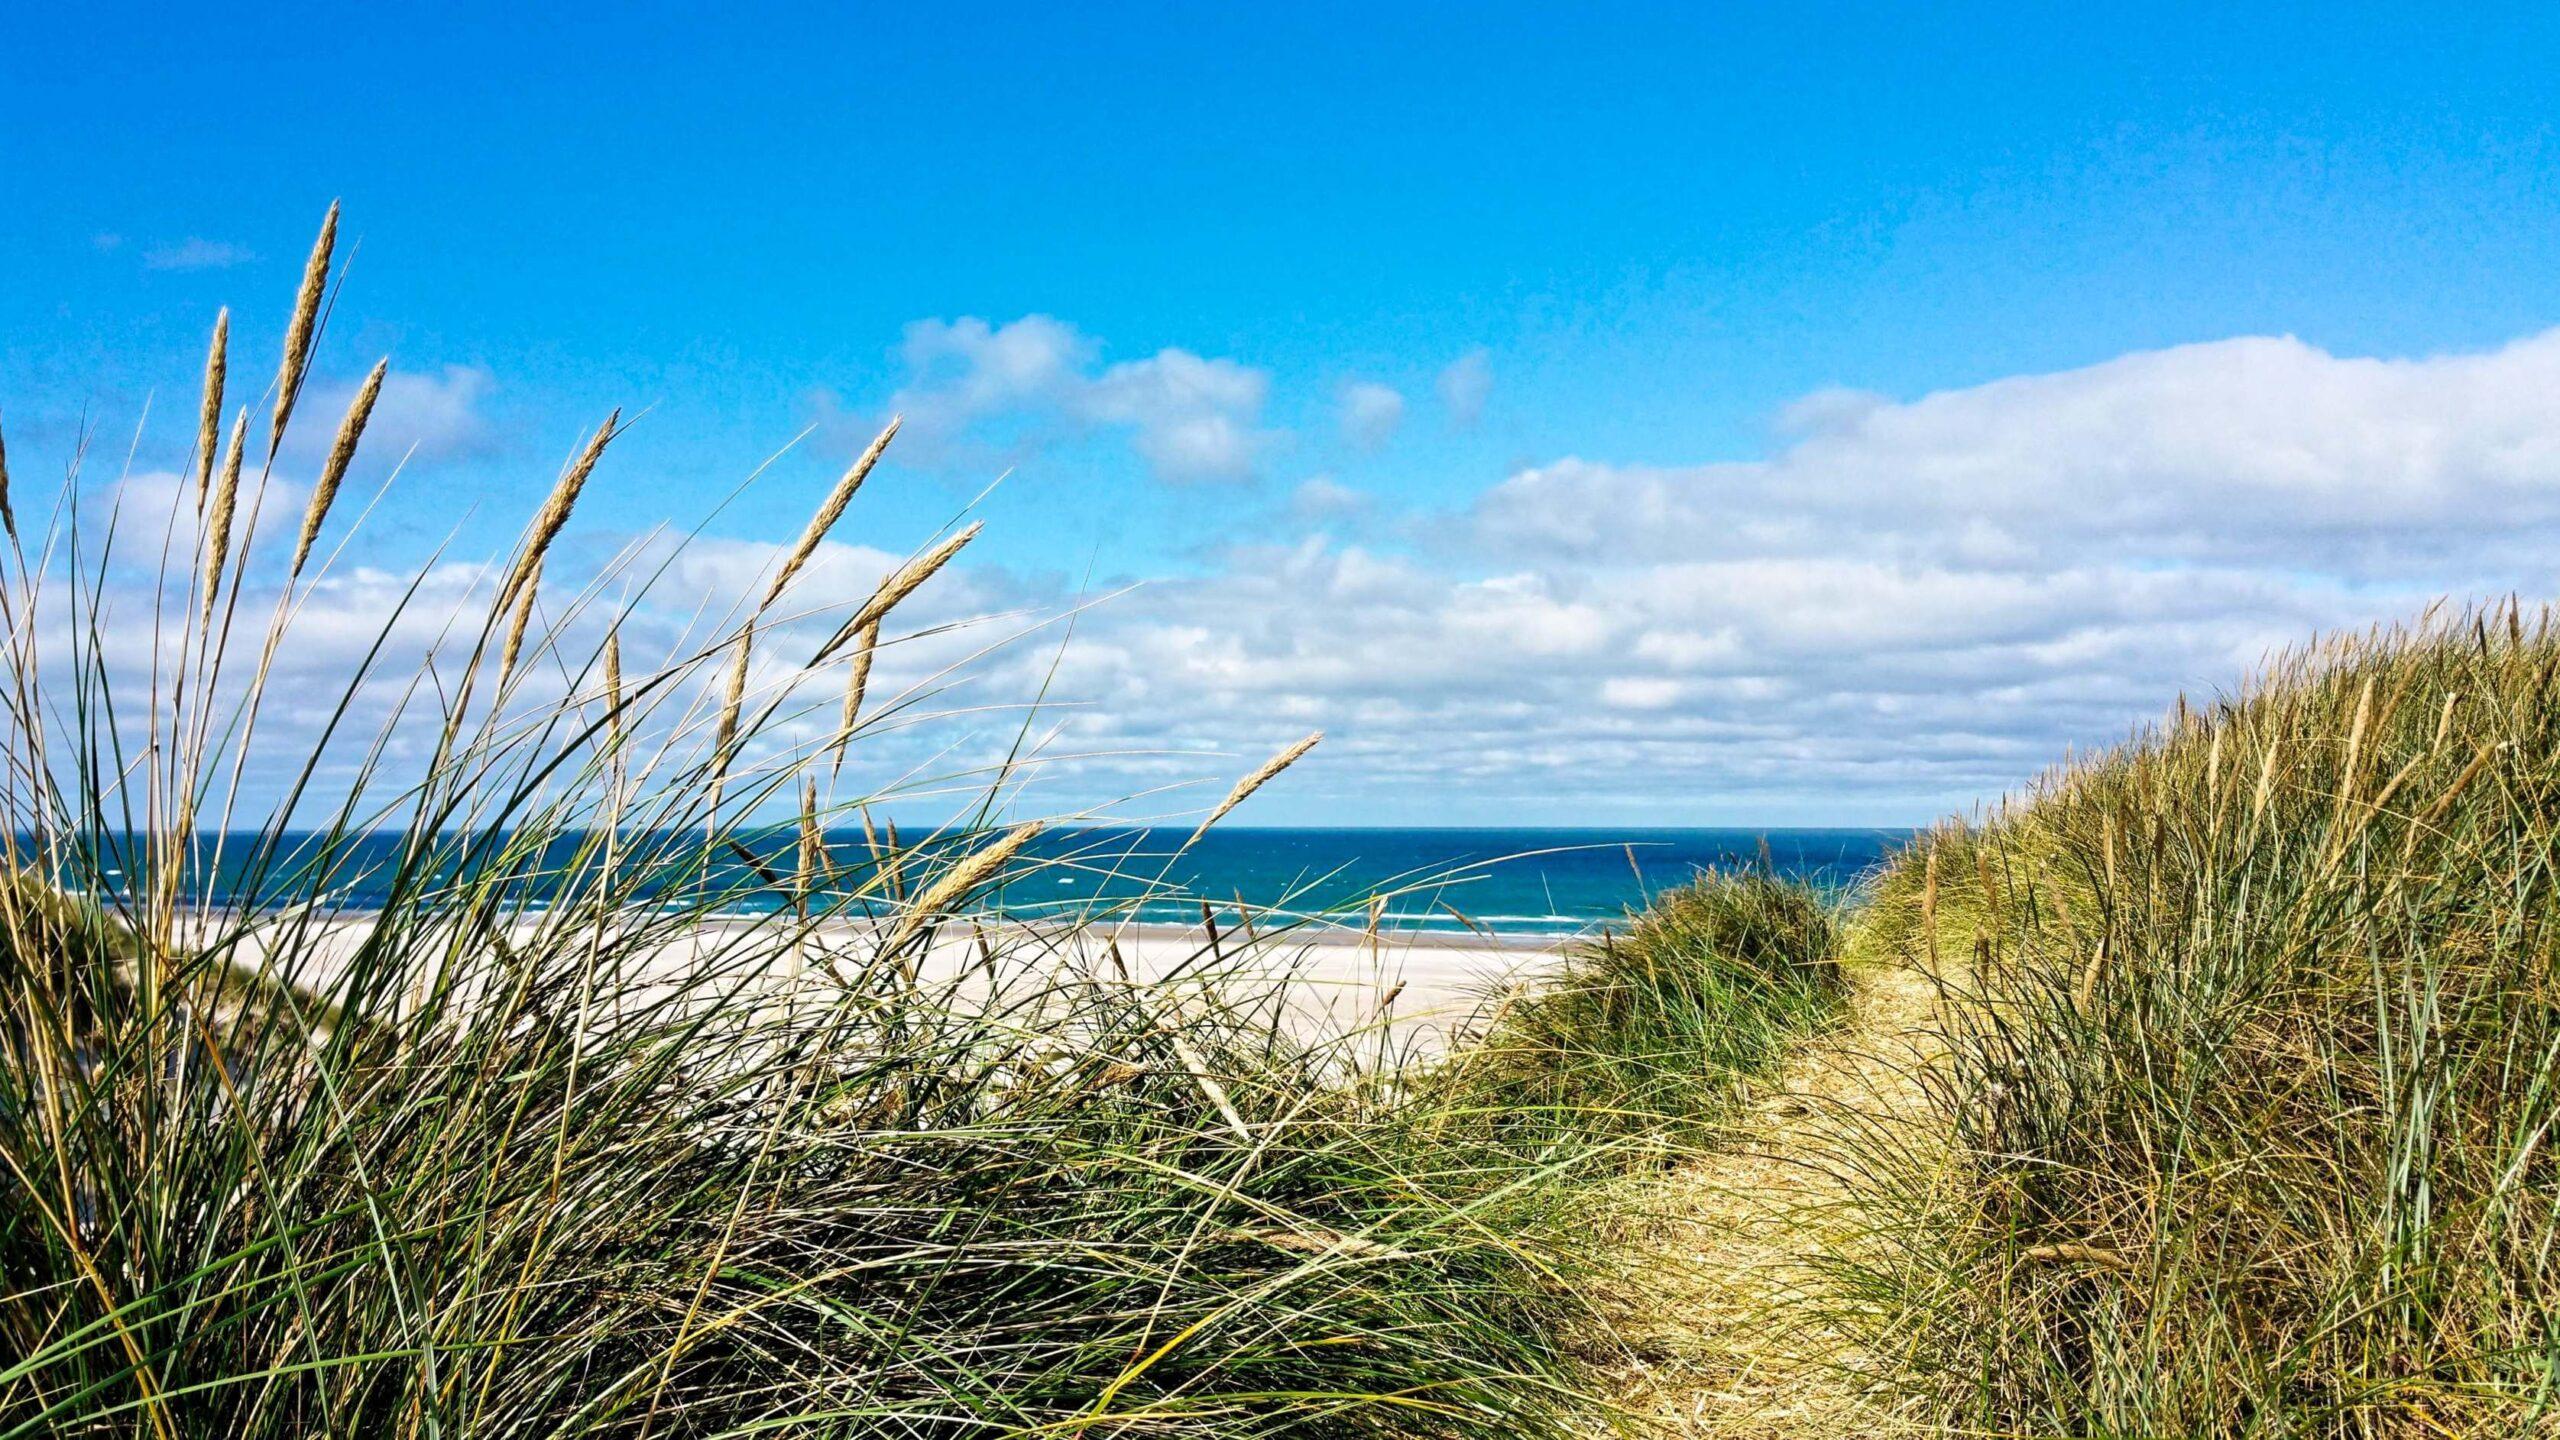 Sommerferie i Danmark: 3 ferier til 3 budgetter